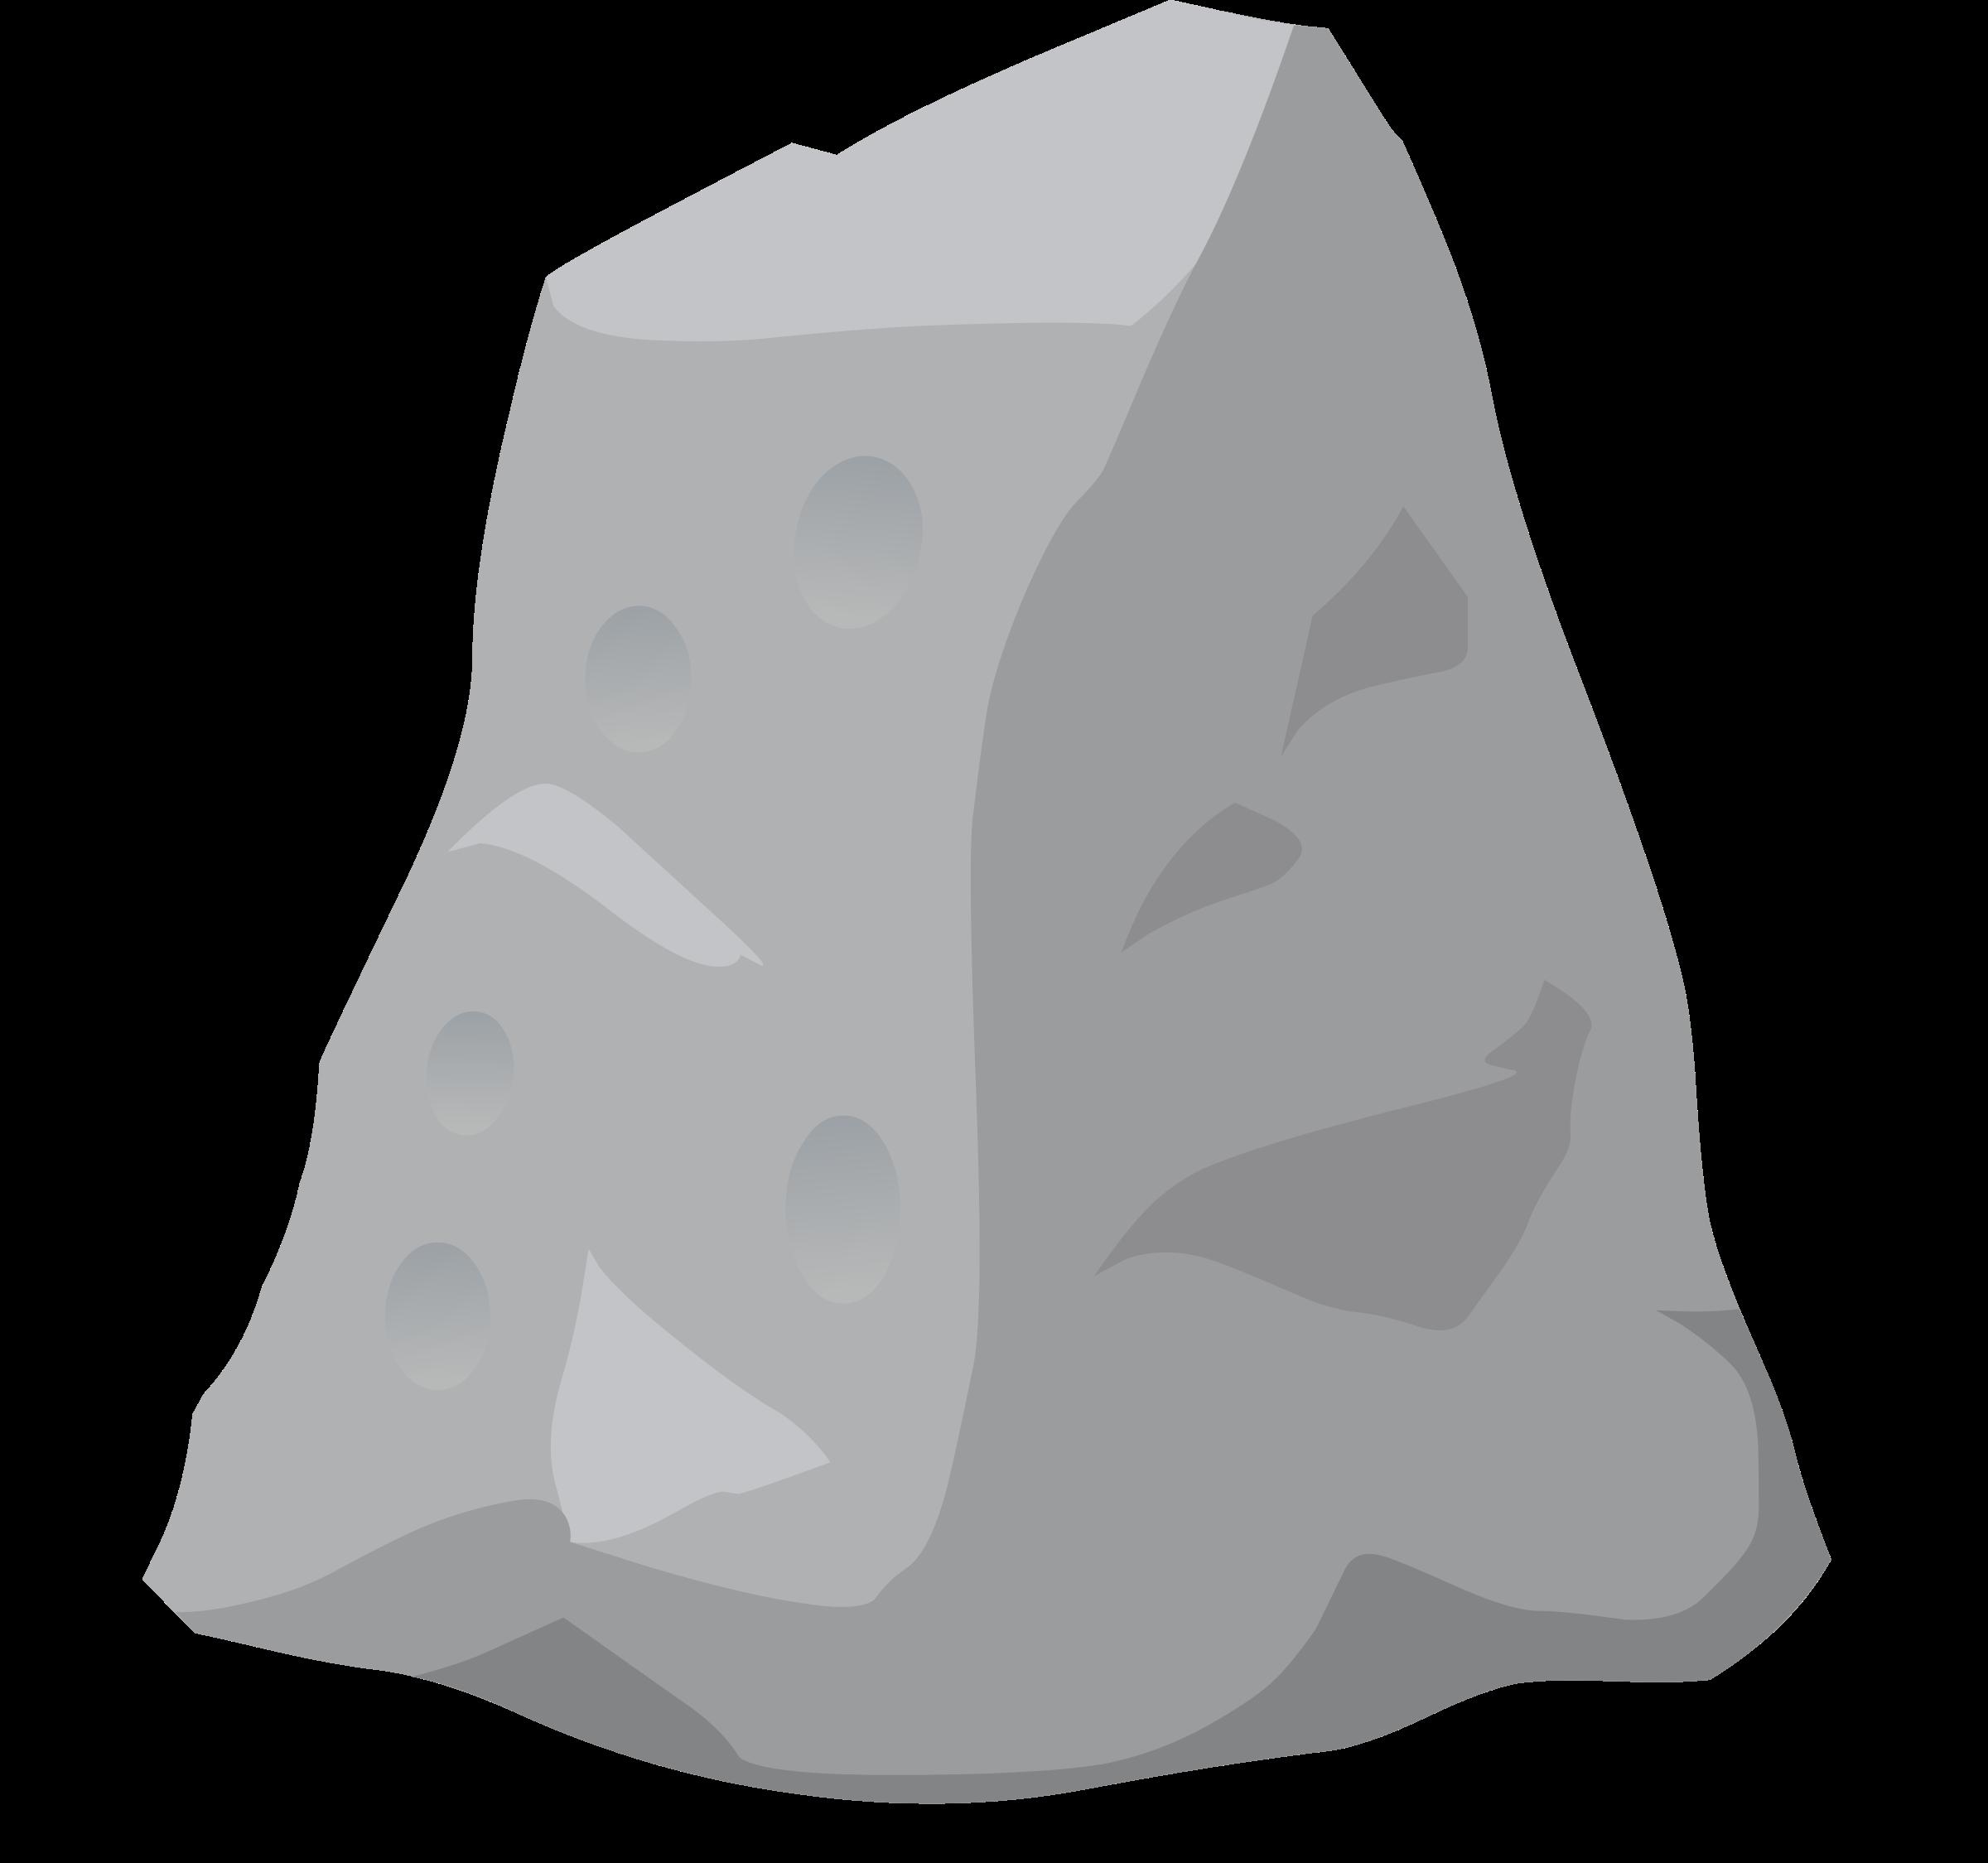 Rock clipart Images com image Rock images